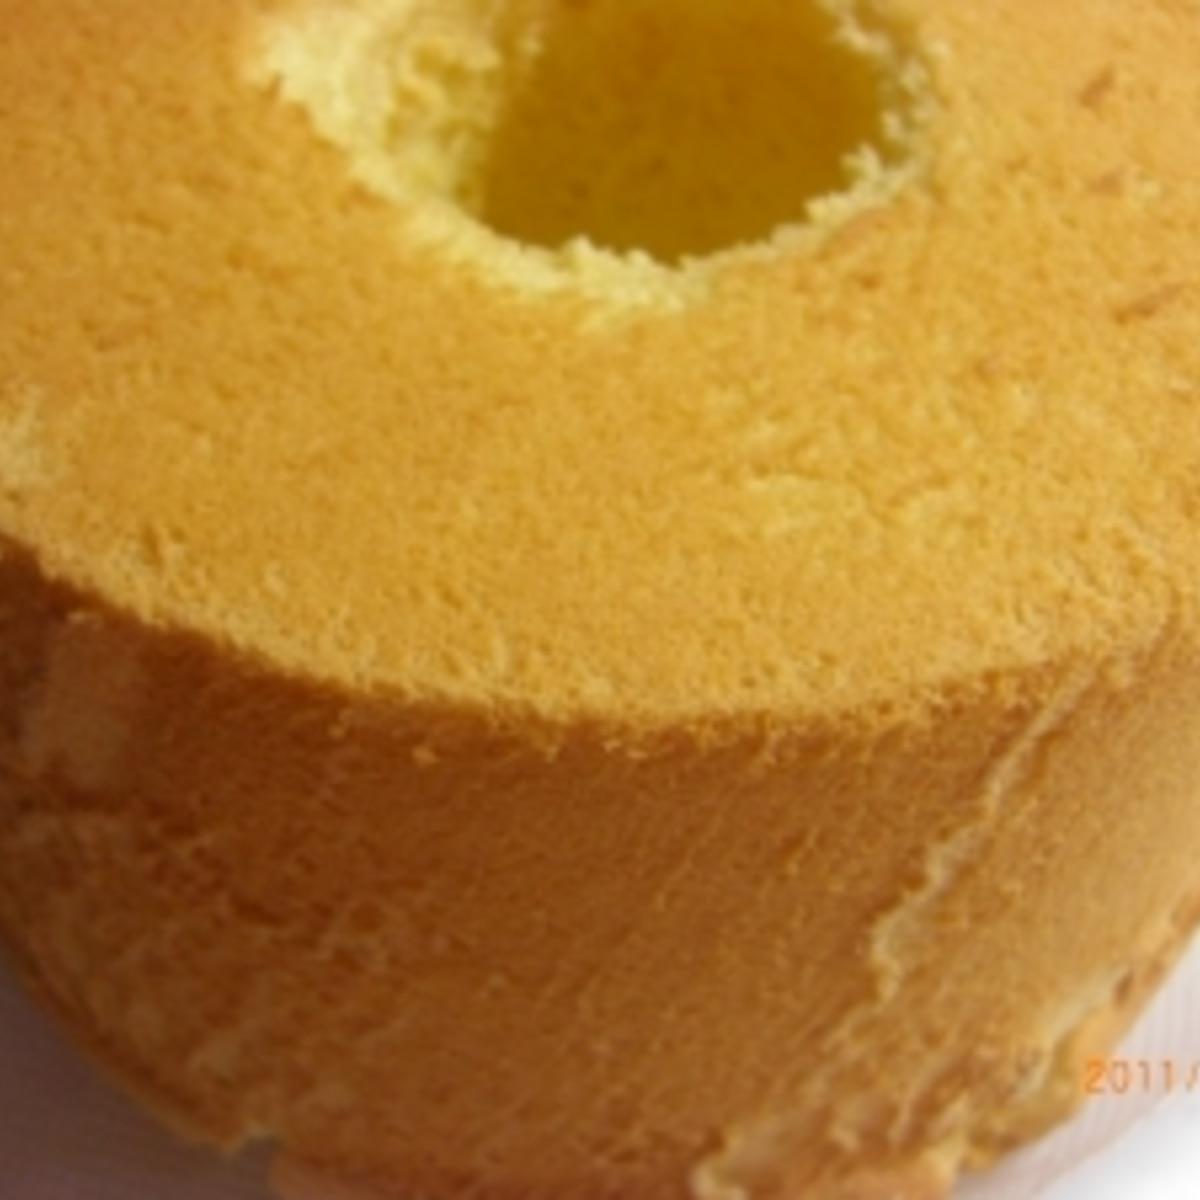 シフォン ケーキ 人気 レシピ 【ふわふわ大成功!】おすすめシフォンケーキレシピ5選